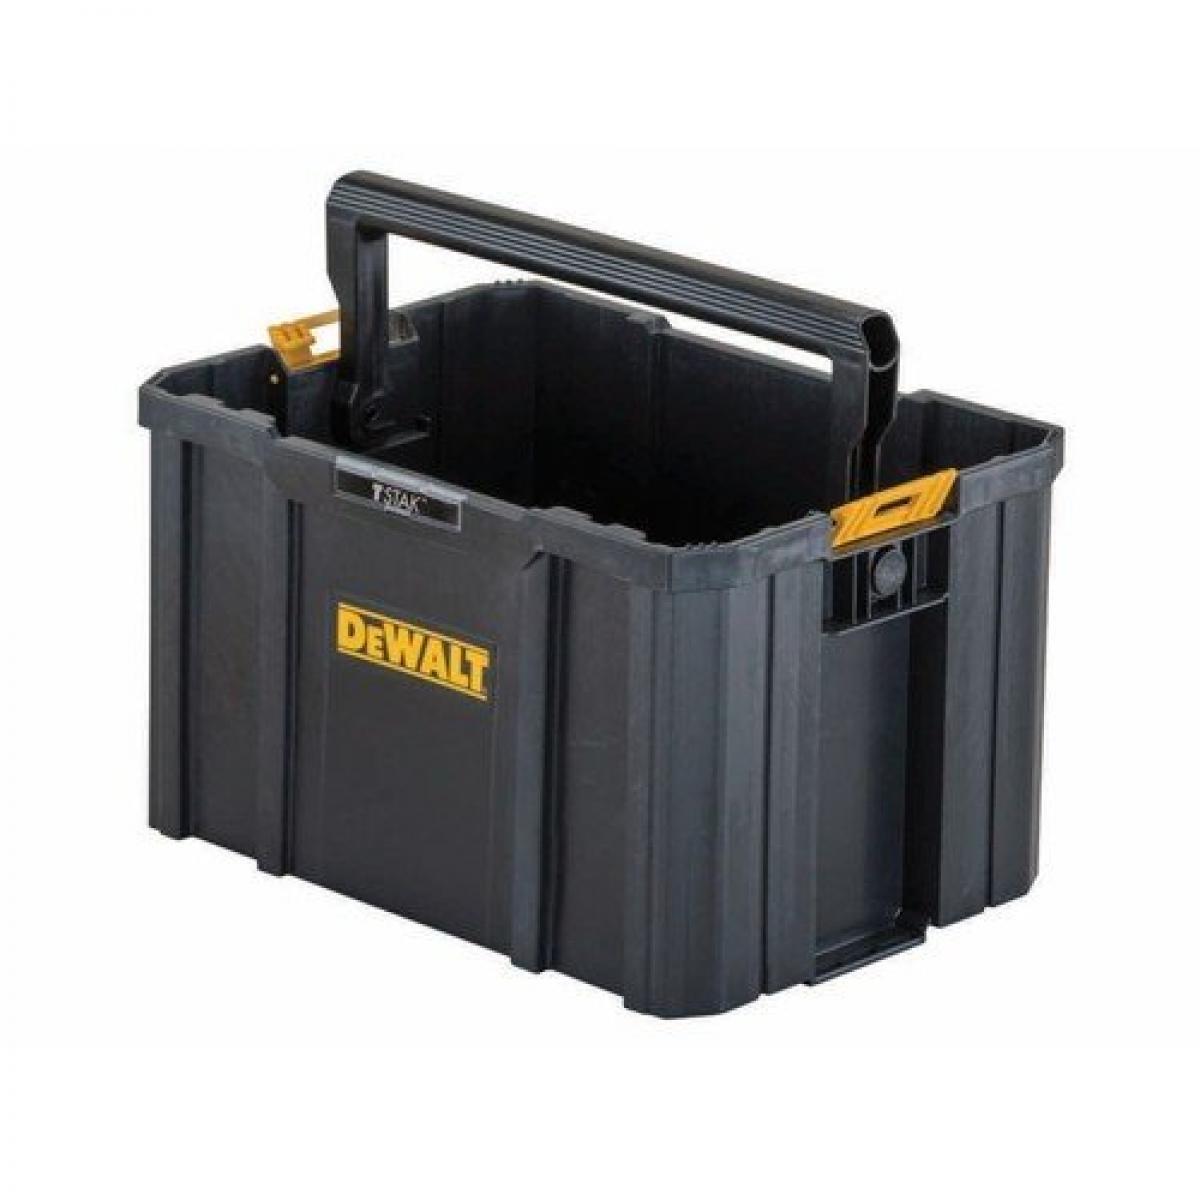 機動性と使いやすさを追求したシステムツールボックスシリーズ 出群 在庫有 DEWALT デウォルト 全品最安値に挑戦 TSTAK DWST17809 工具収納 ツールボックス 工具箱 収納ケース 代引き不可 ティースタックミルクボックス